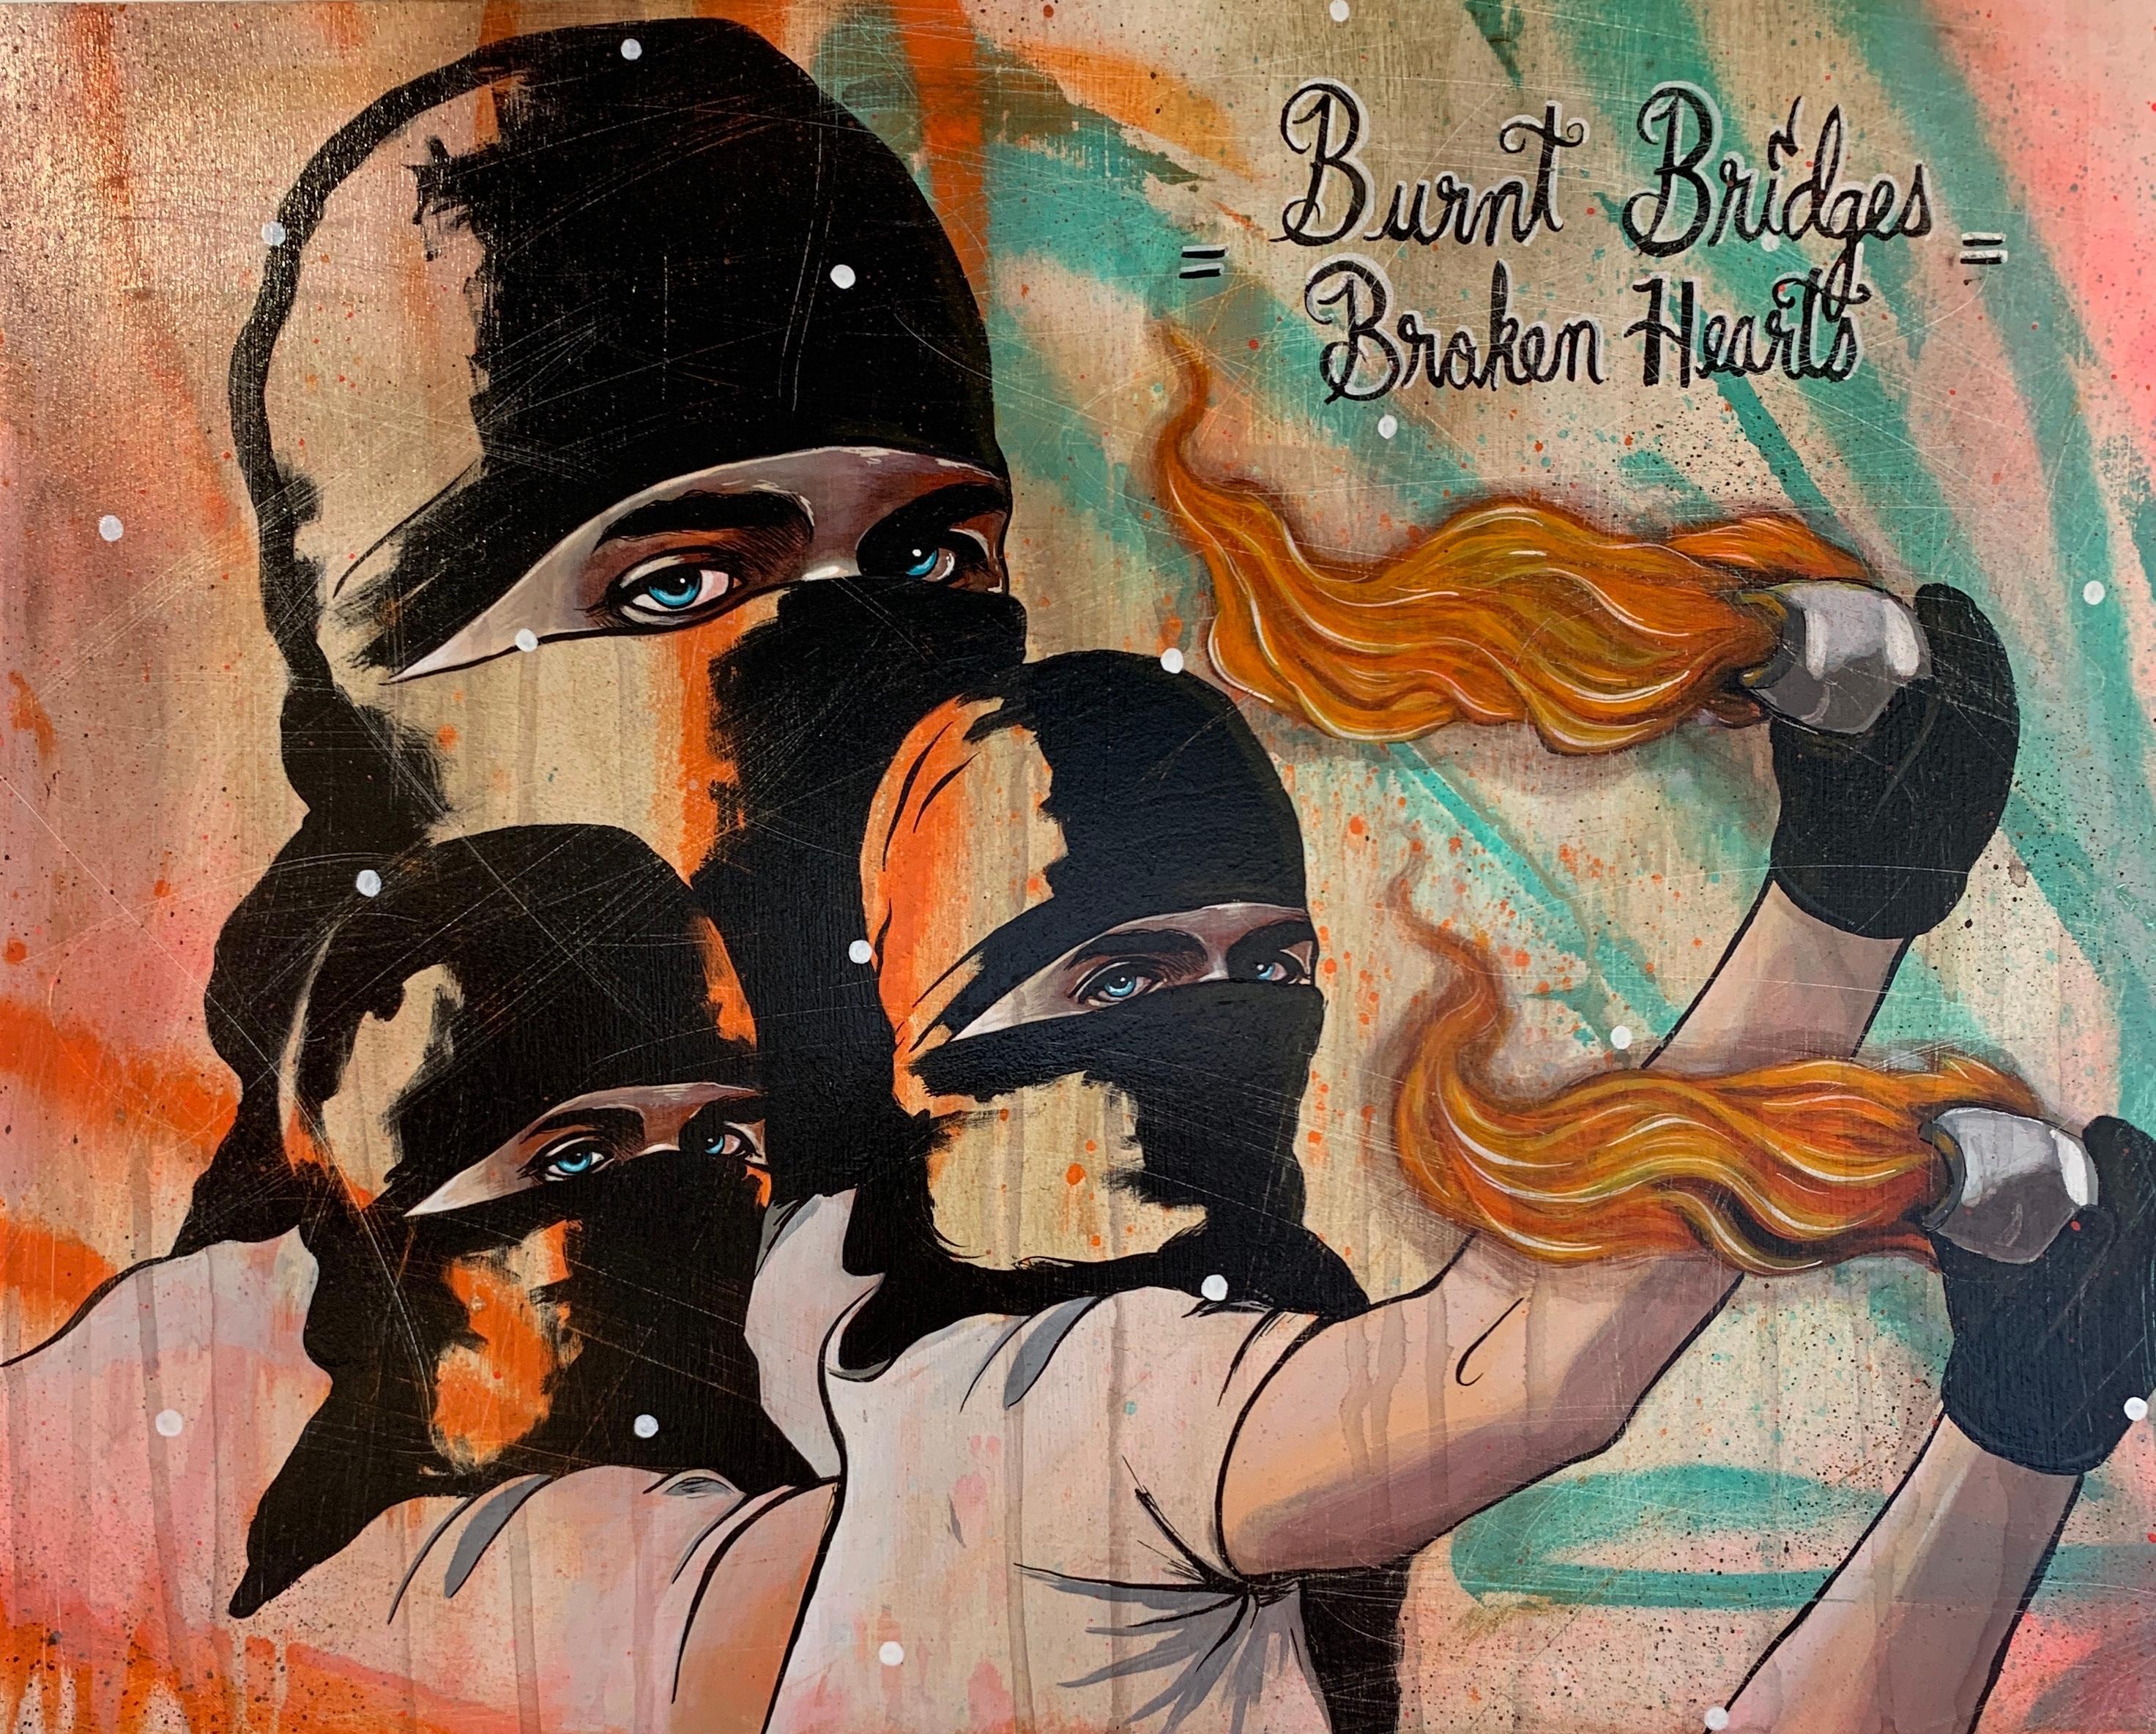 Burnt Bridges Broken Hearts